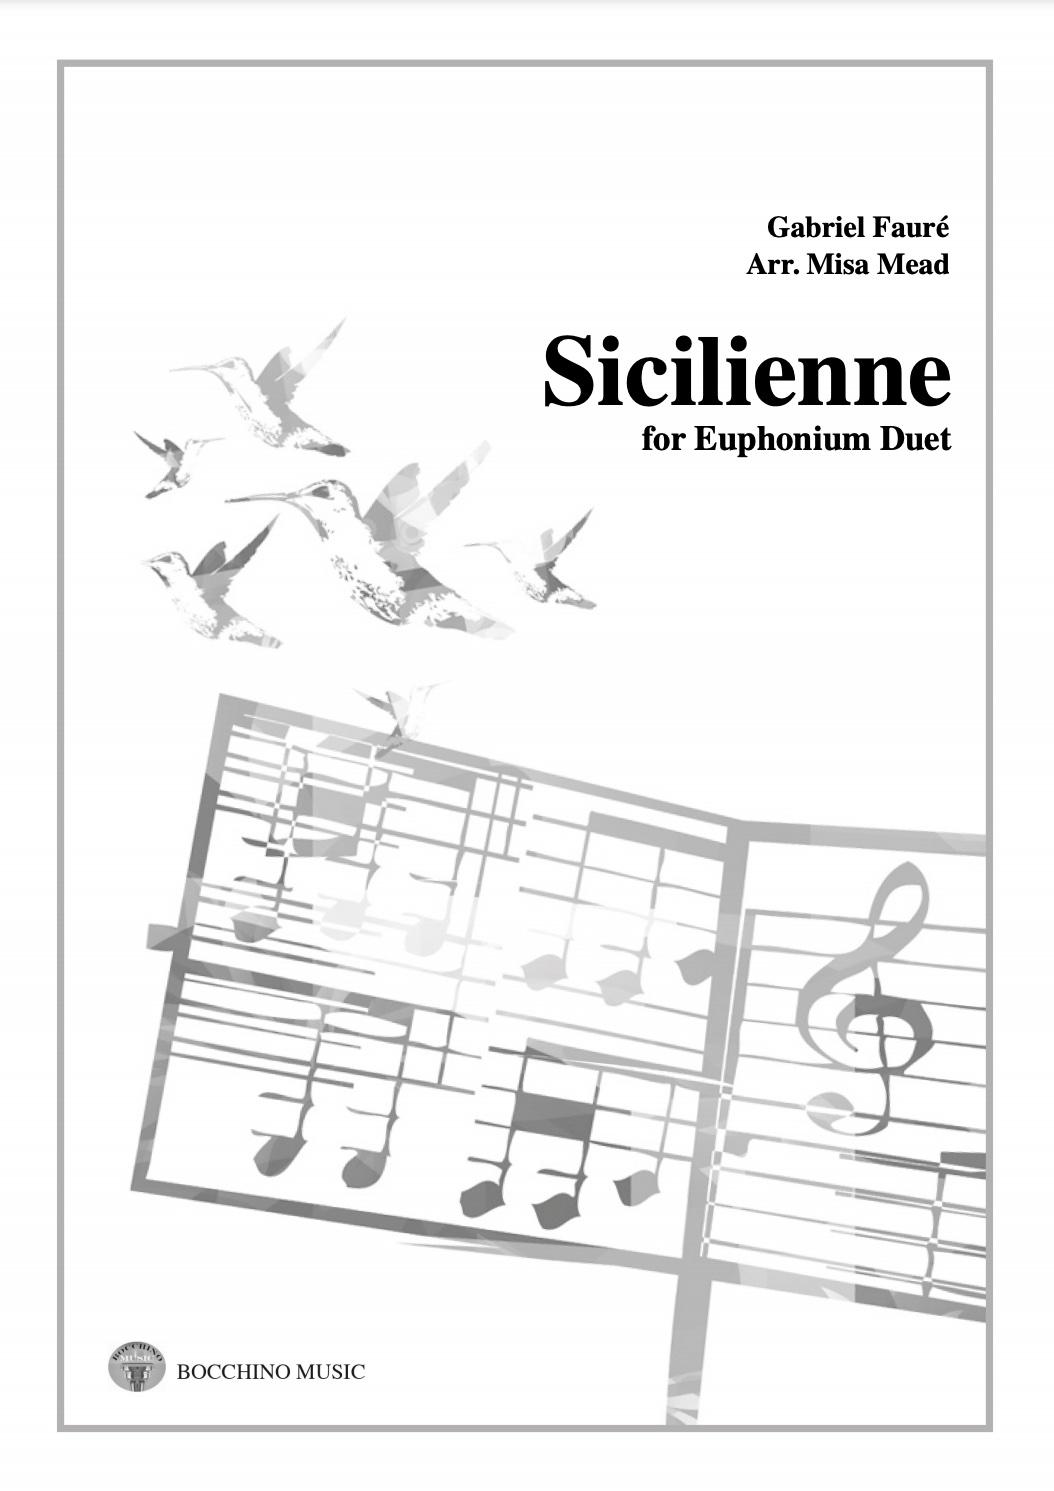 Sicilienne Op.78 - Gabriel Faure Arr. Misa Mead - Euphonium Duet